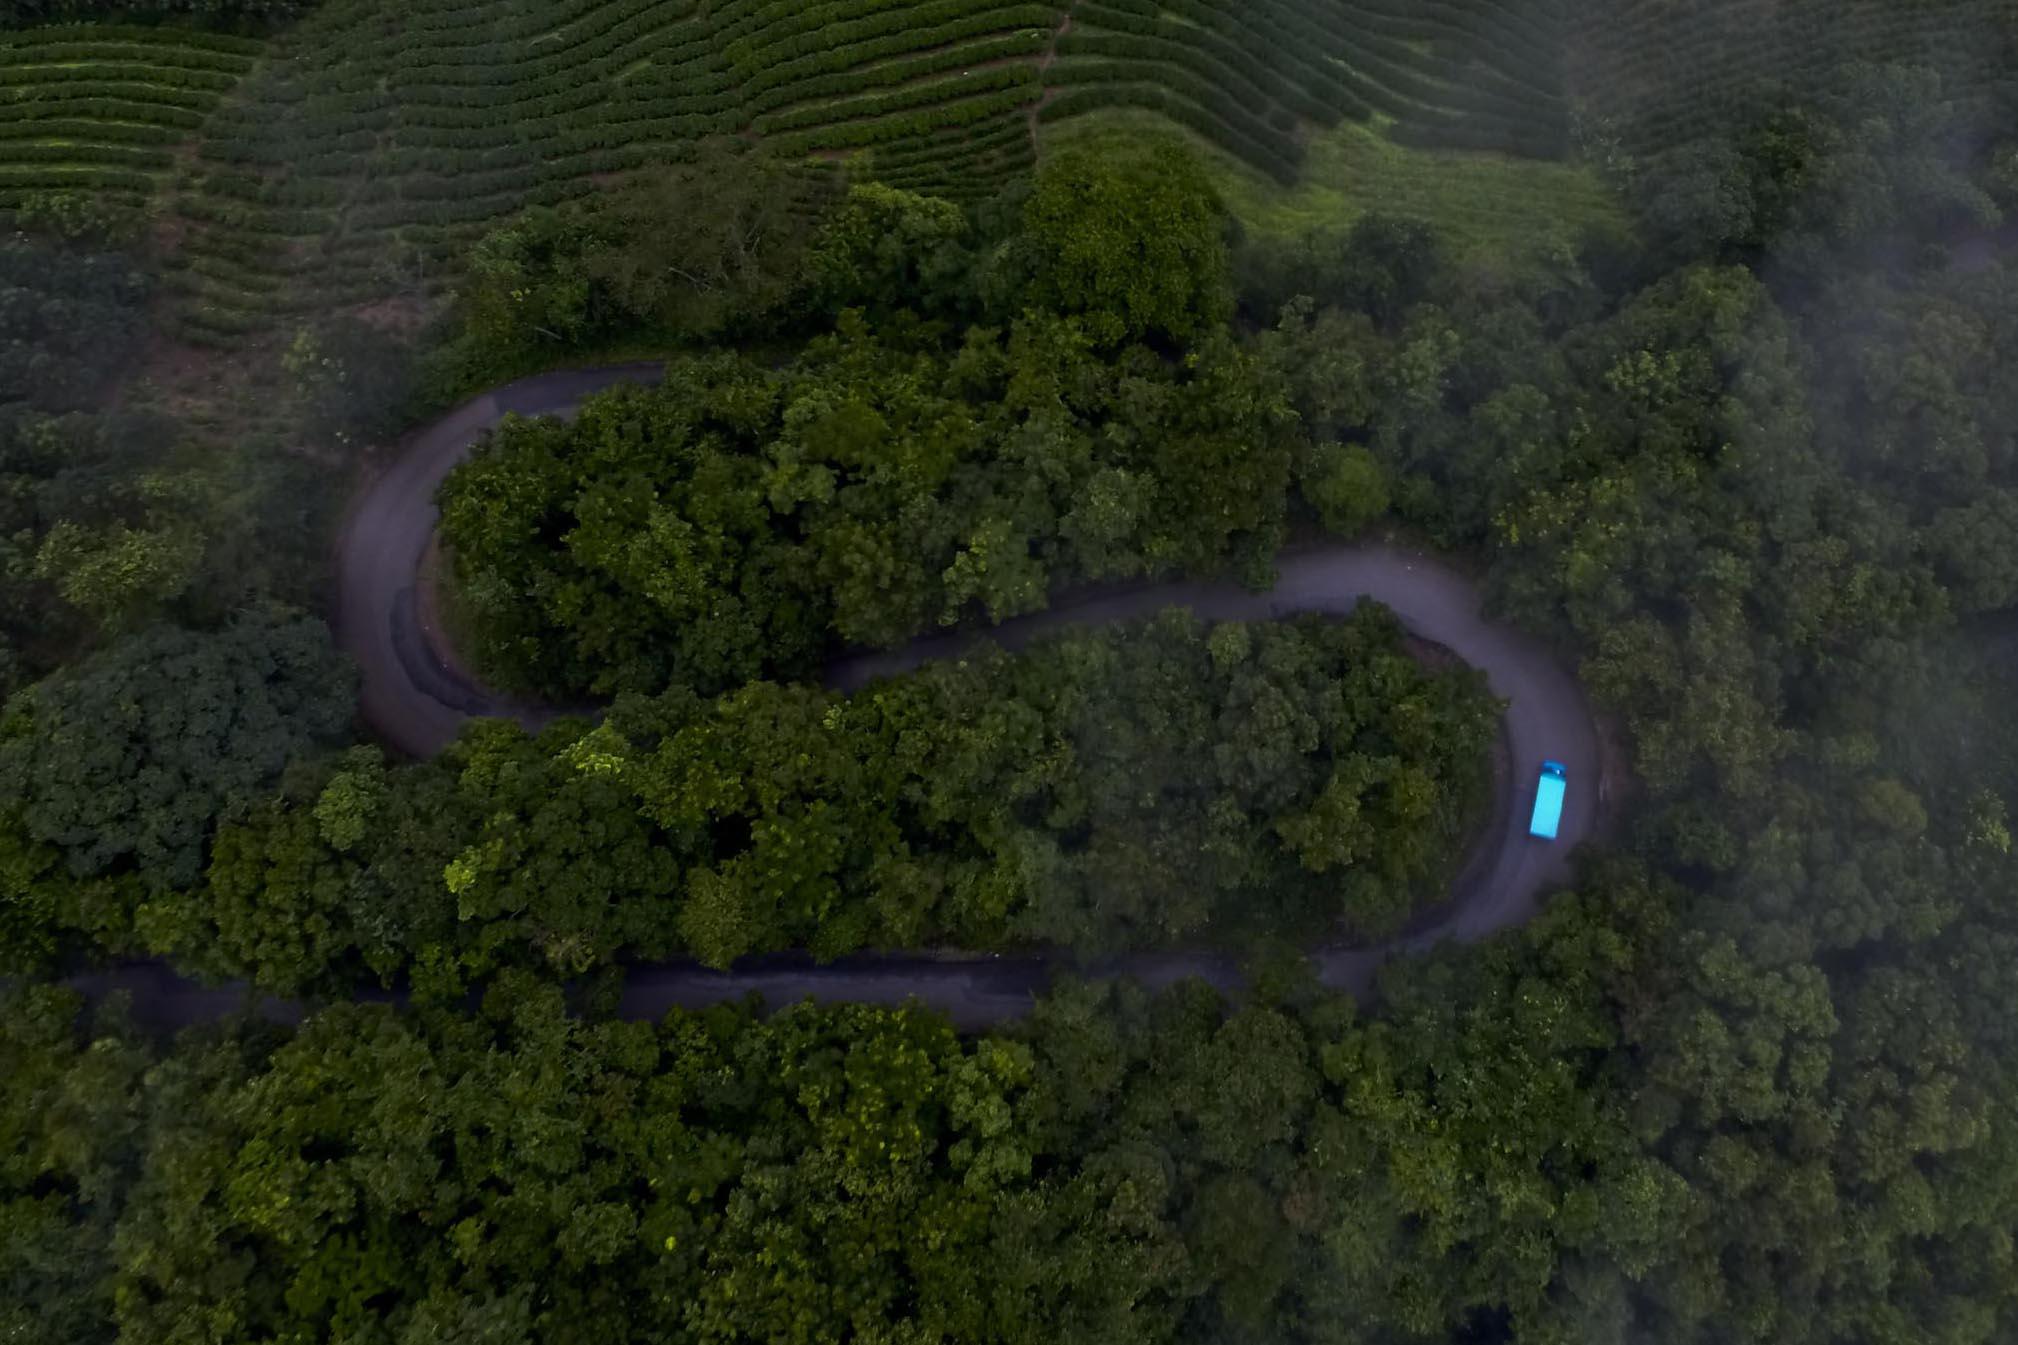 货车行驶在通往勐宋的弯曲山路上